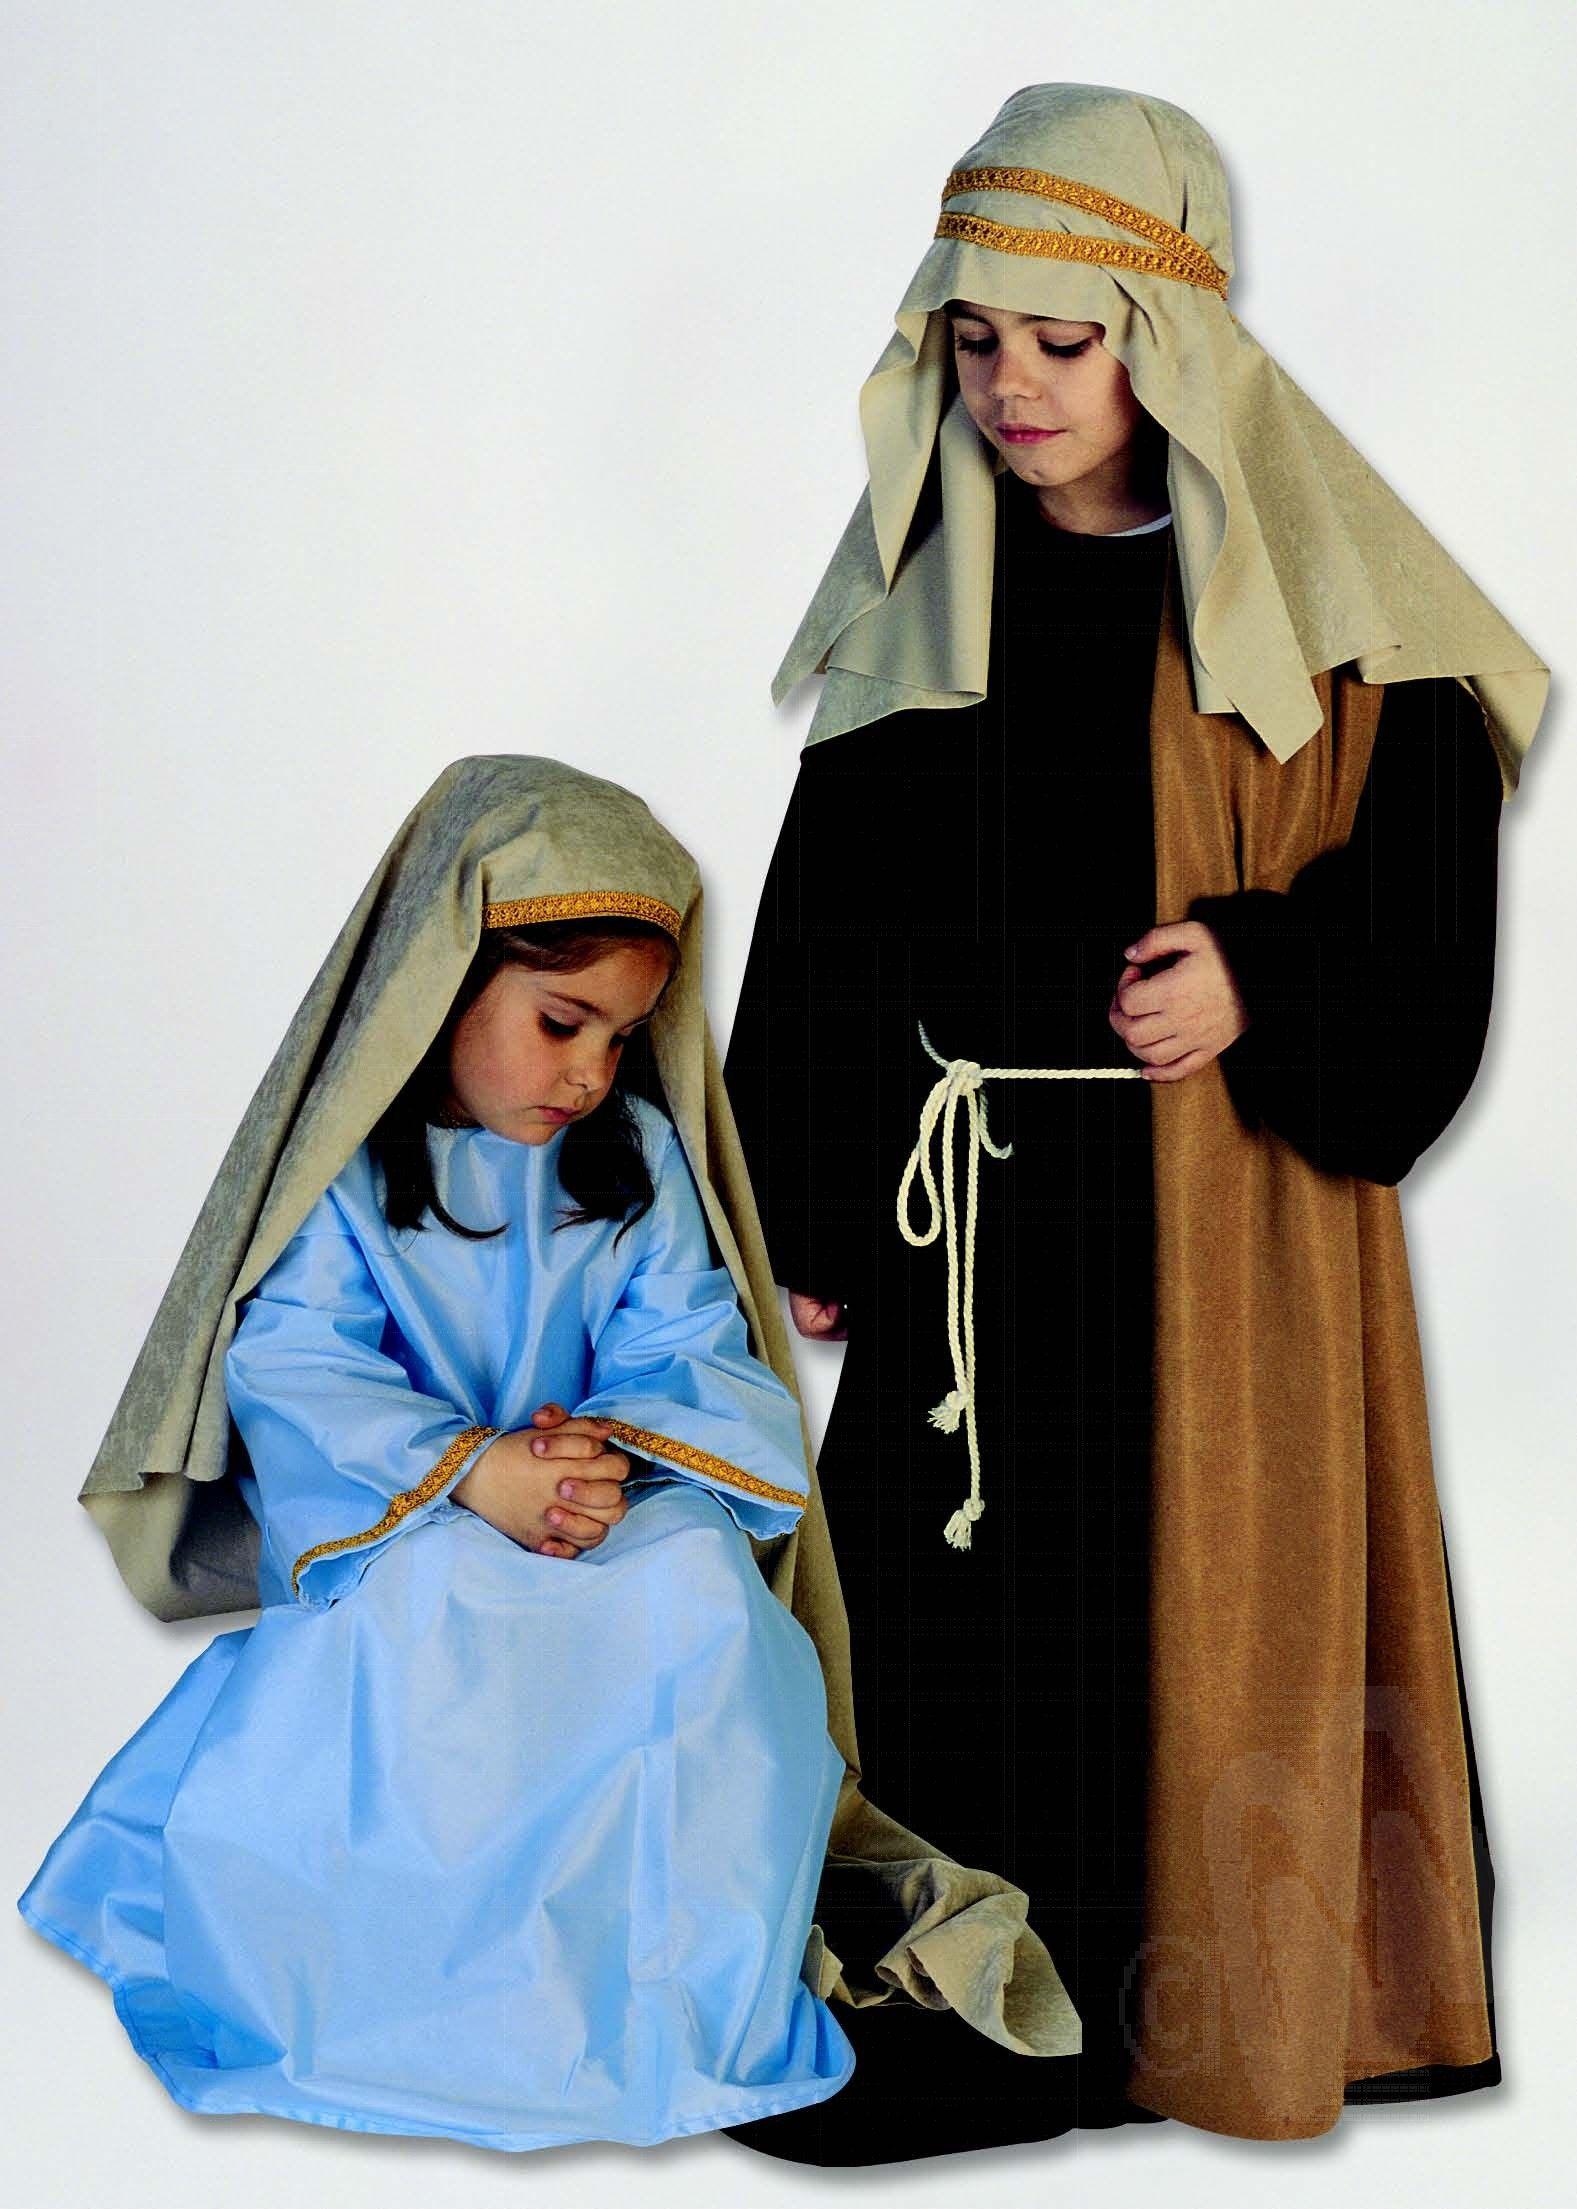 Disfraces para navidad disfraces de navidad pinterest - Disfraces infantiles navidad ...